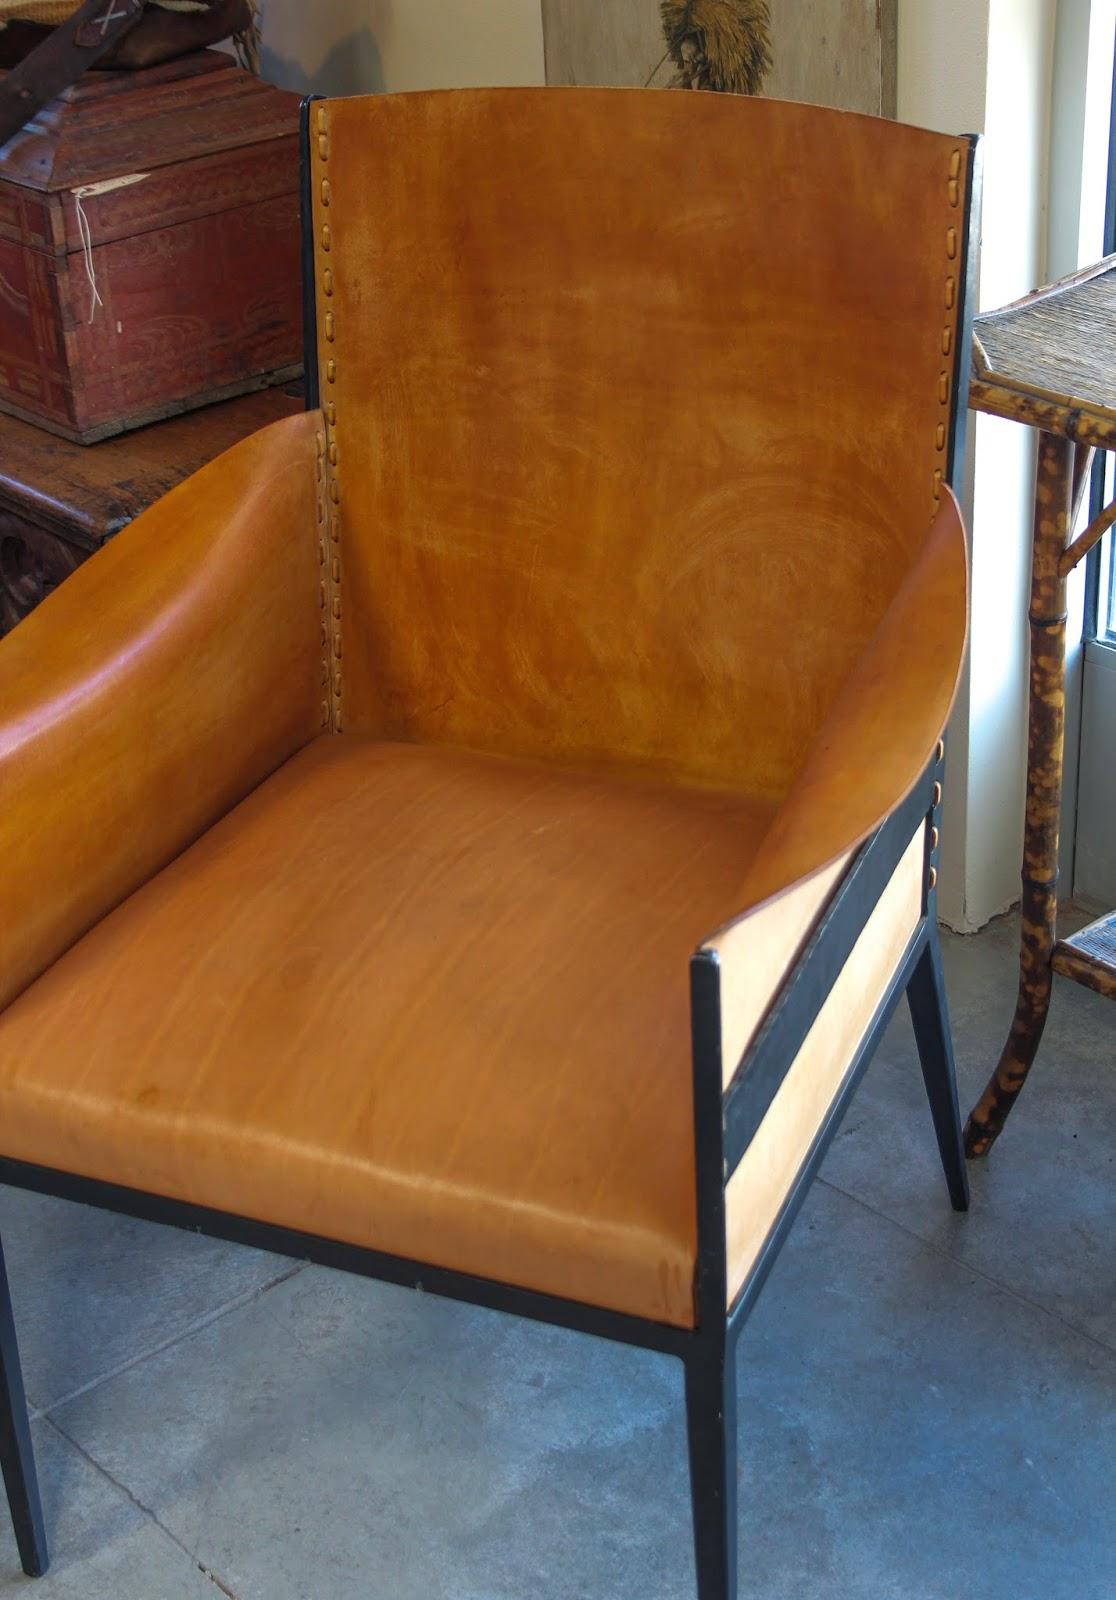 Furniture consignment stores in santa fe nm - C I R C L E A N T I Q U E S 1219 Cerrillos Road Santa Fe Nm